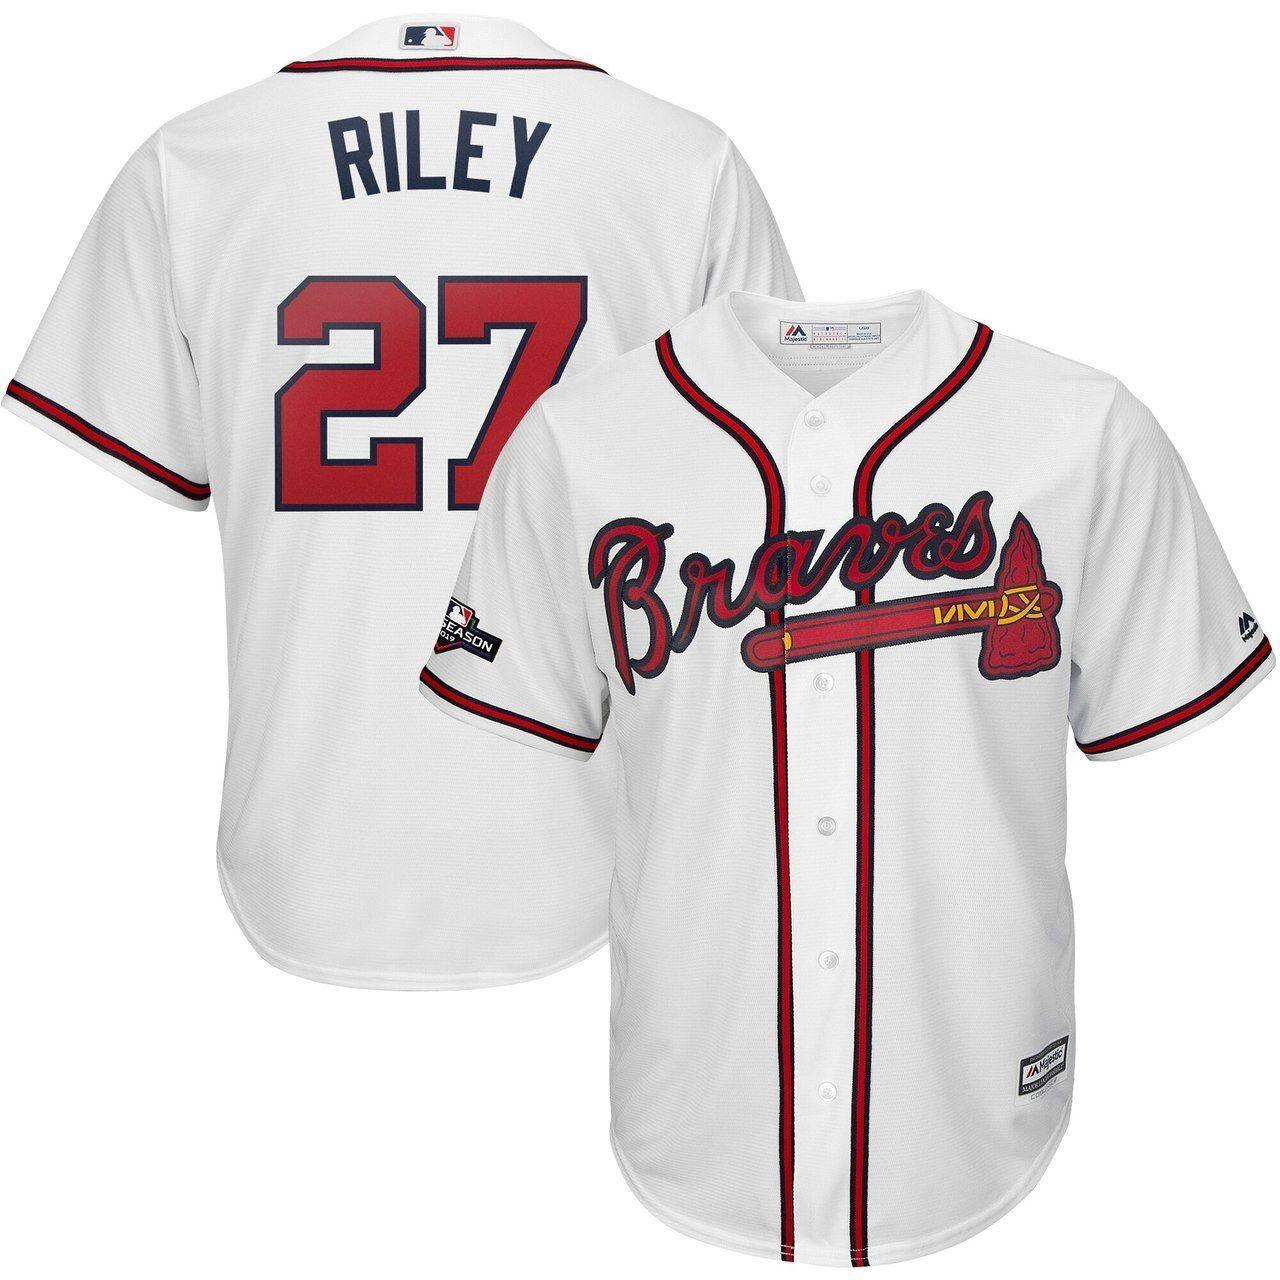 Austin Riley Atlanta Braves 27 Jersey White In 2020 Atlanta Braves Jersey Braves Jersey Atlanta Braves